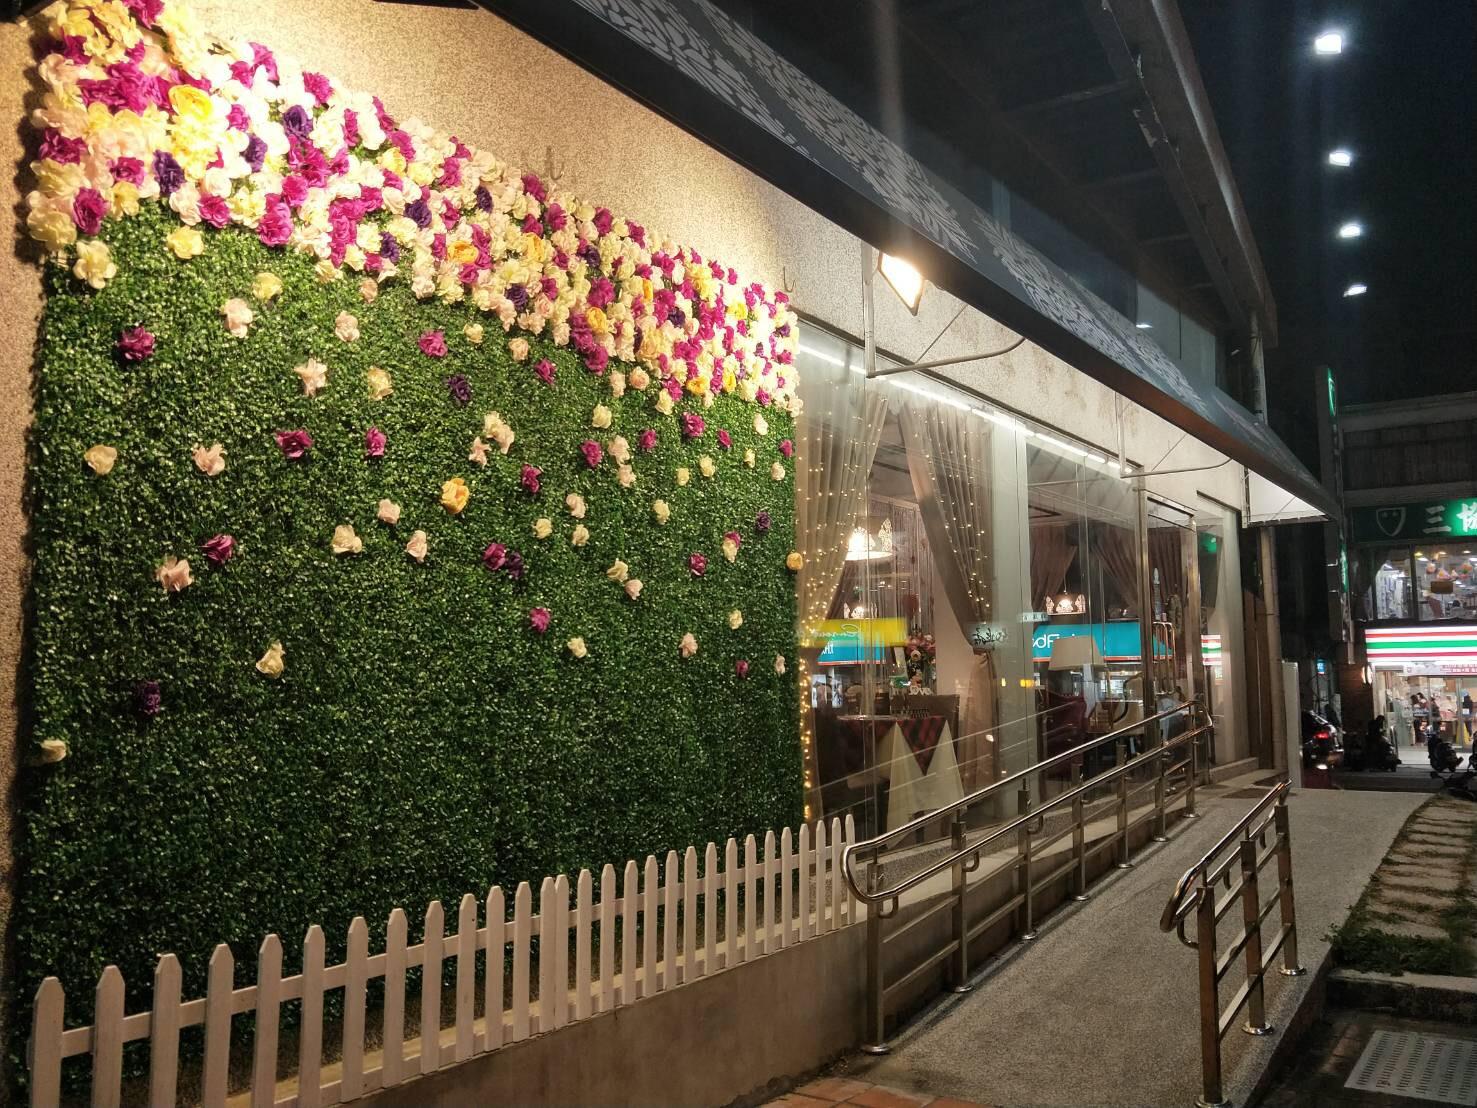 大花朵朵主題餐廳場景照